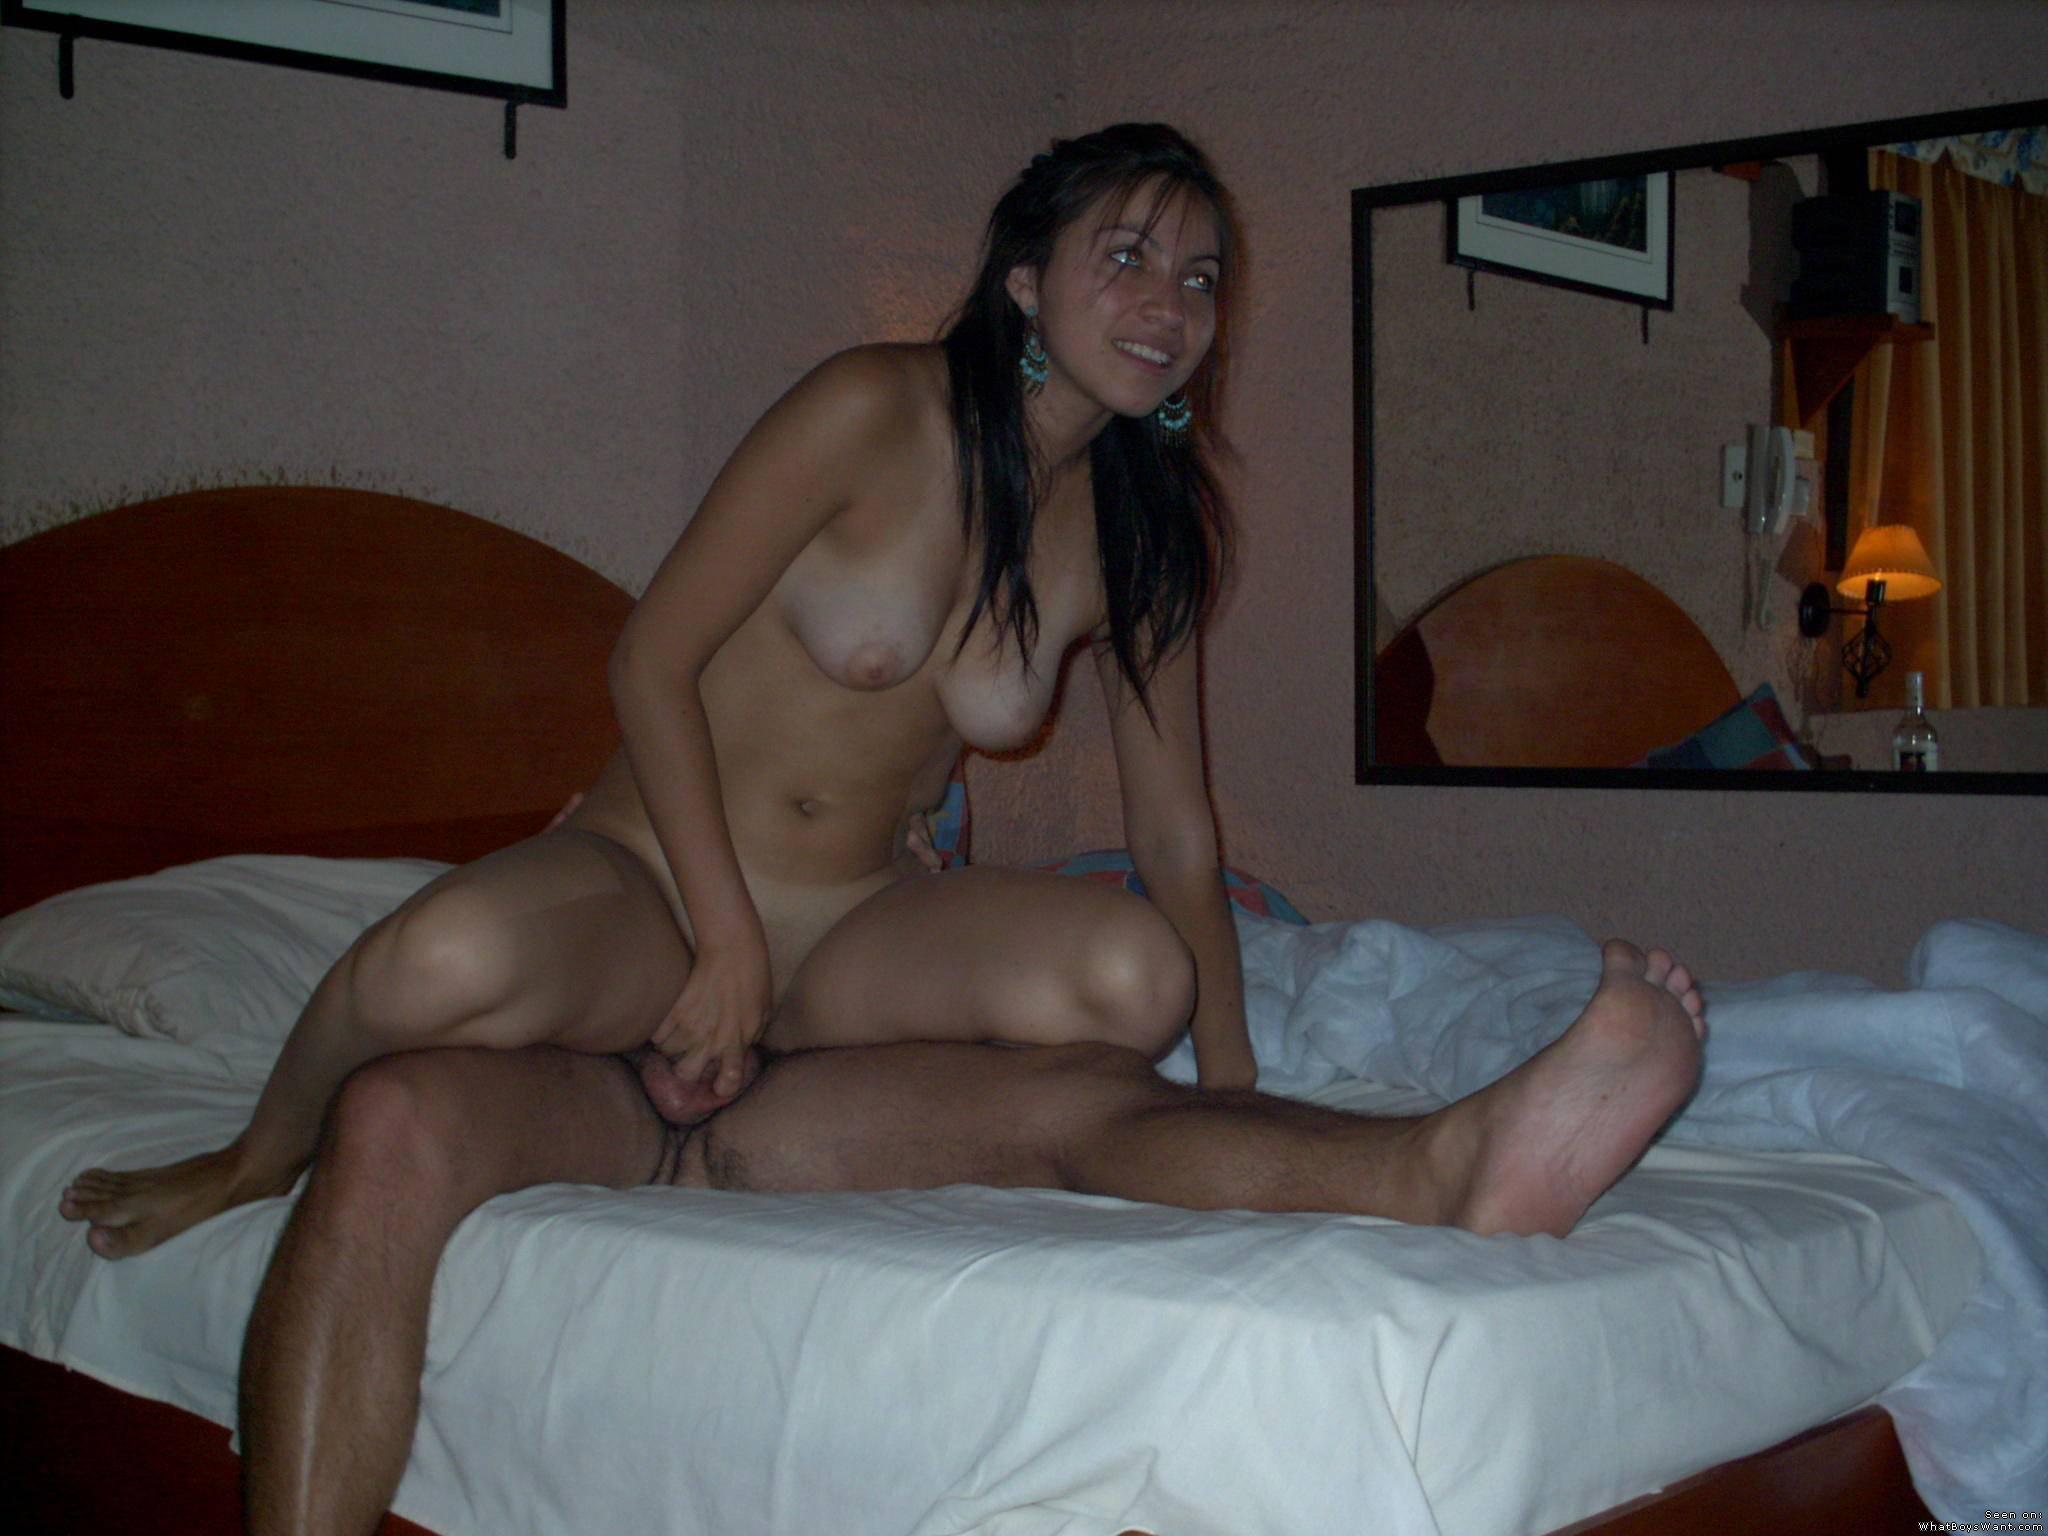 Amateur Motel Sex Porn Pictures Comments 1